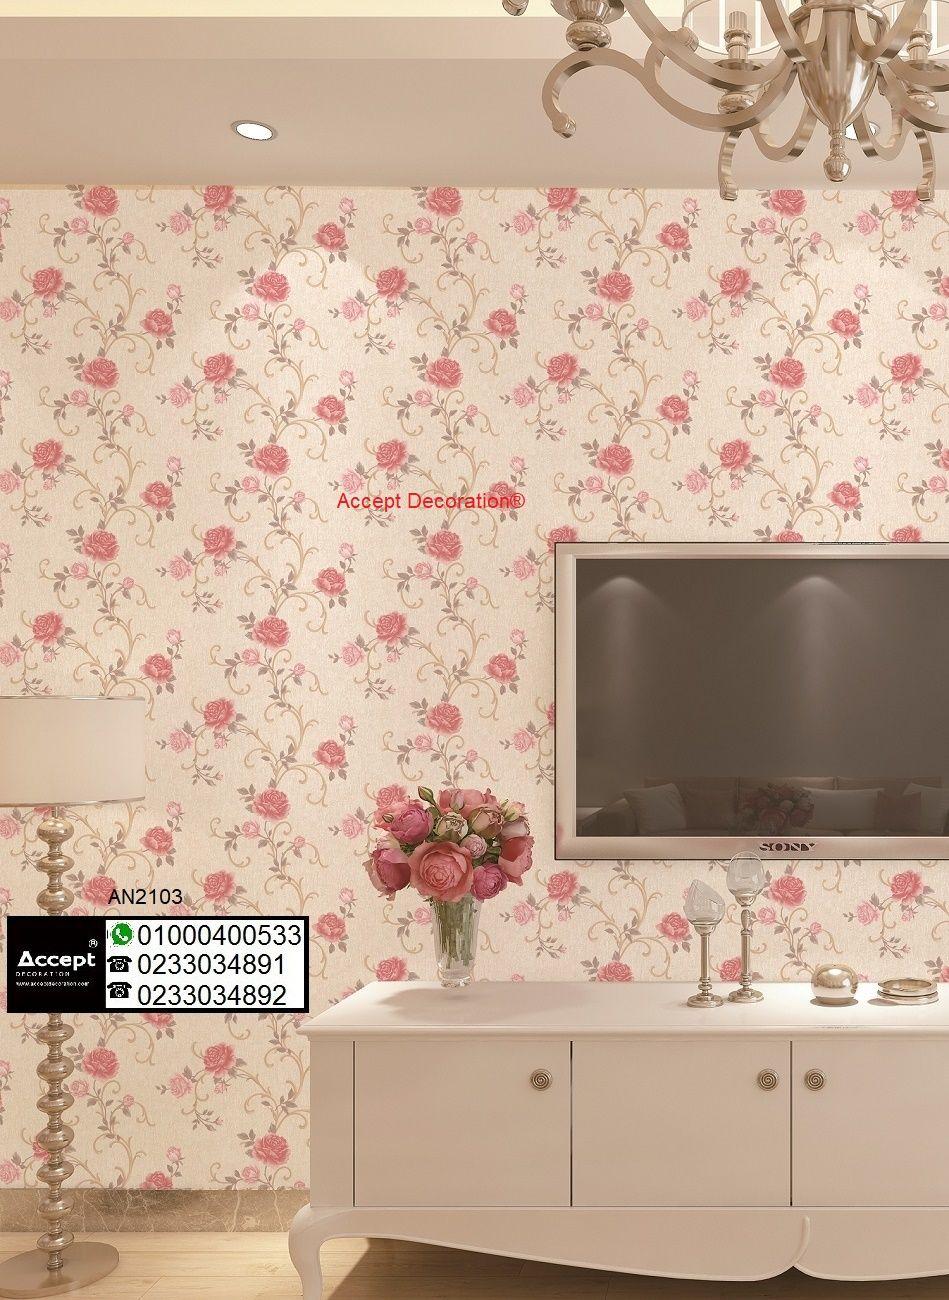 ورق جدران غرف نوم ورق حائط ورق حائط مودرن ورق جدران للريسبشن شركة ورق حائط Decor Printed Shower Curtain Wallpaper